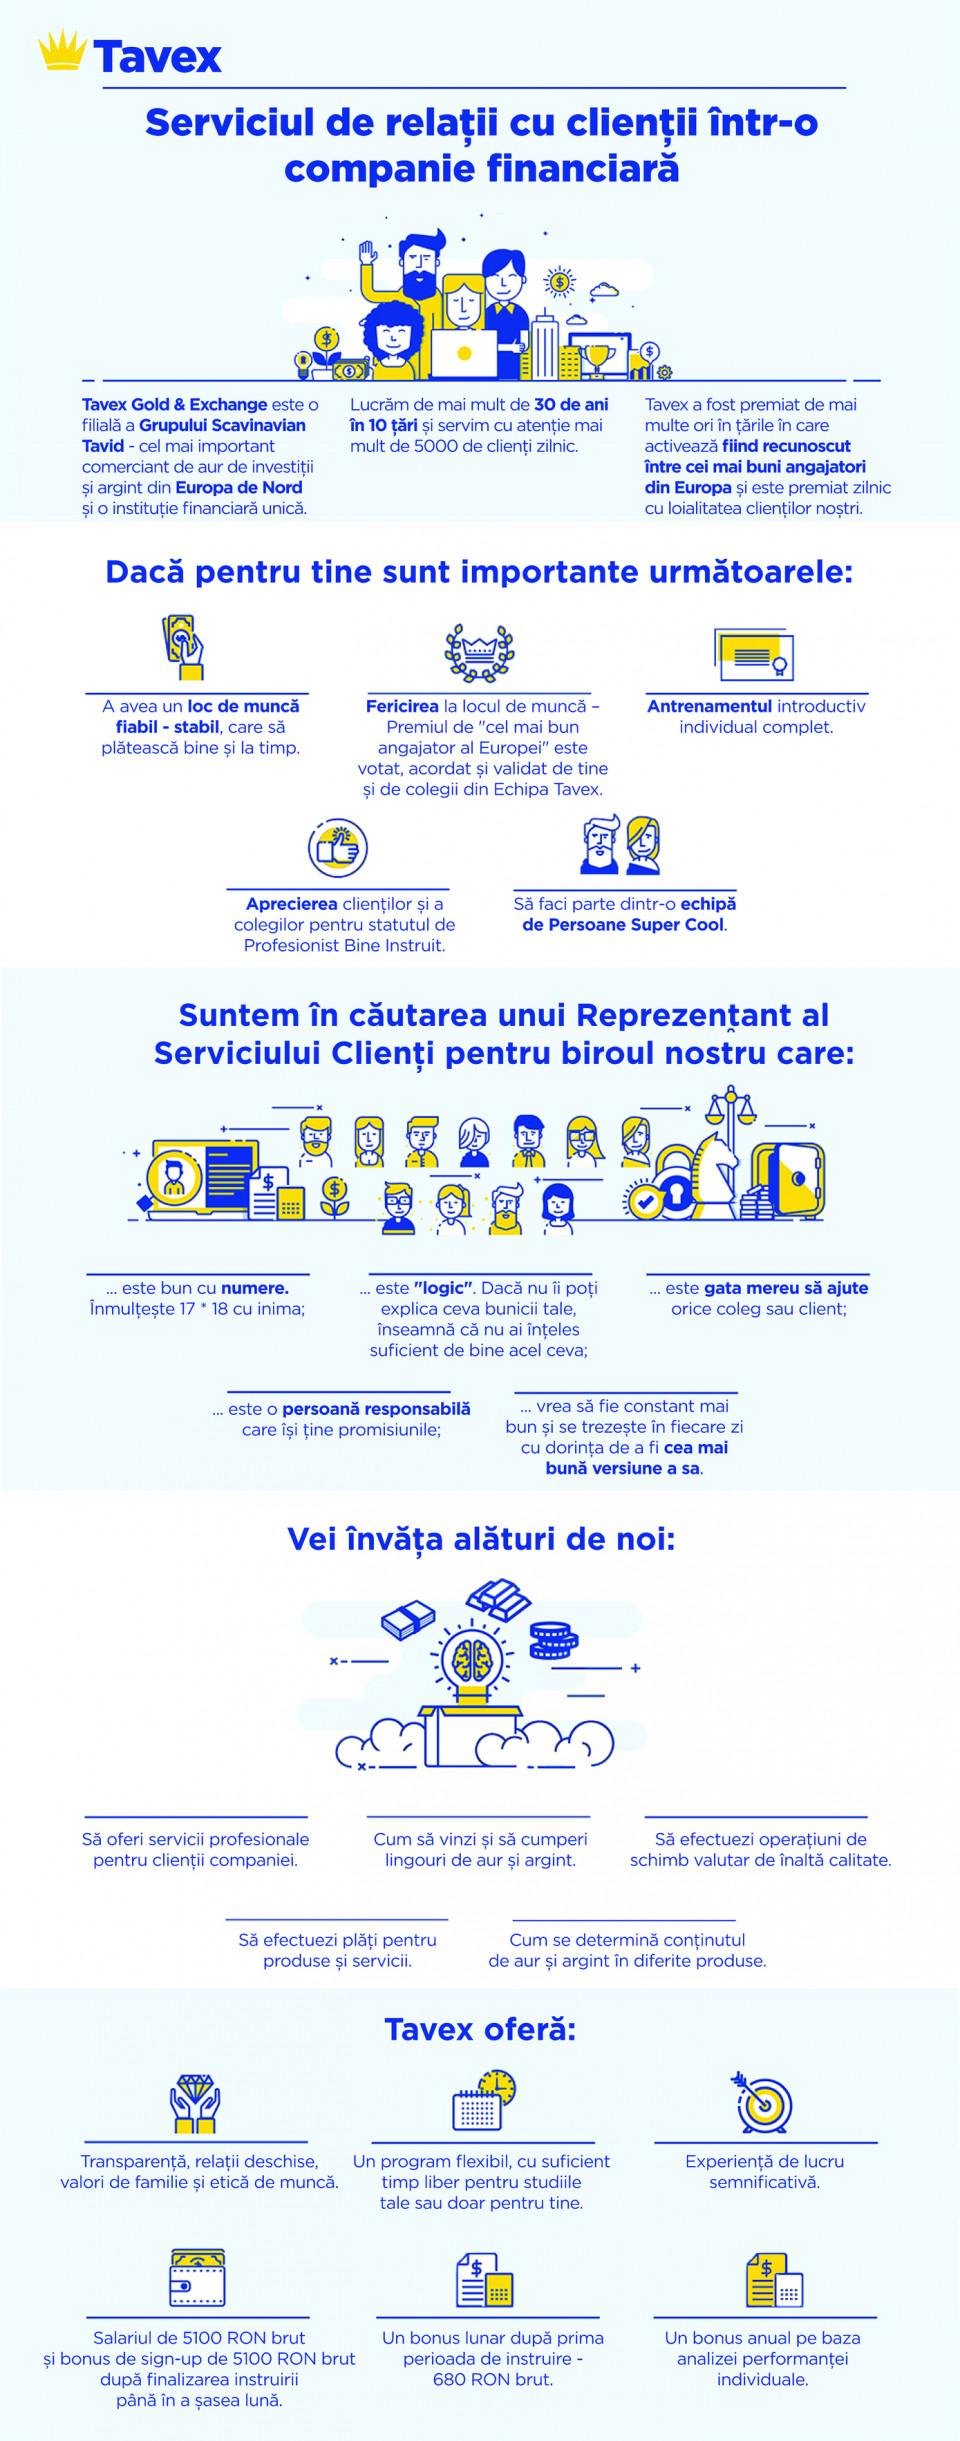 Serviciul de relații cu clienții într-o companie financiară